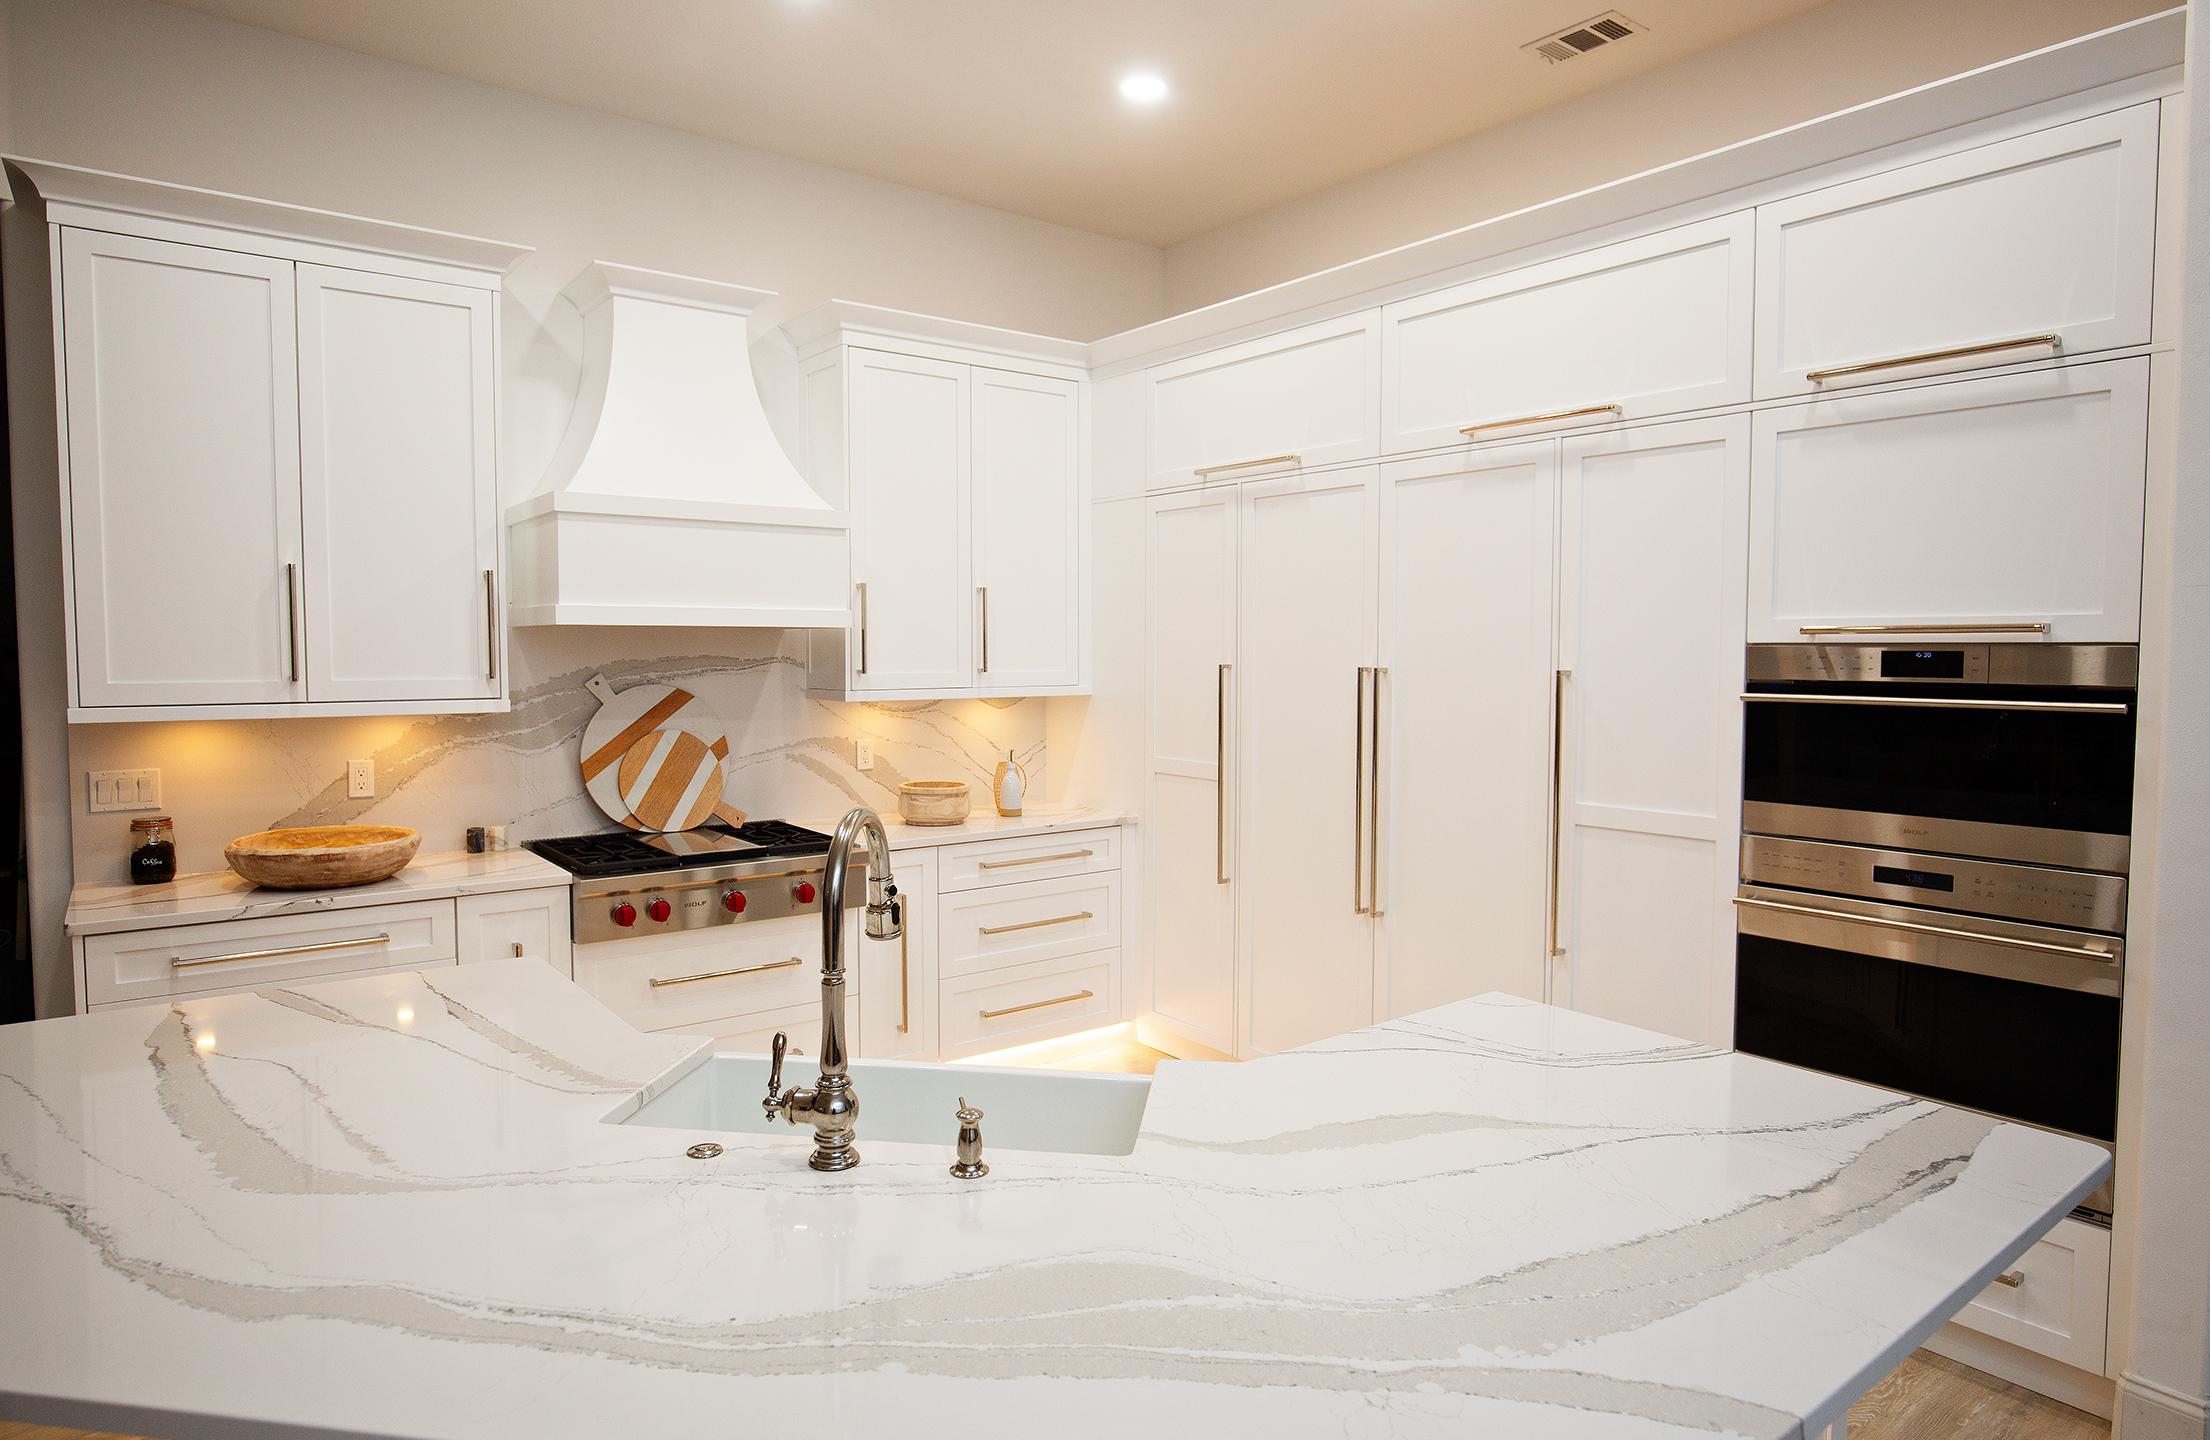 marquis-fine-cabinetry-classico-kitchen